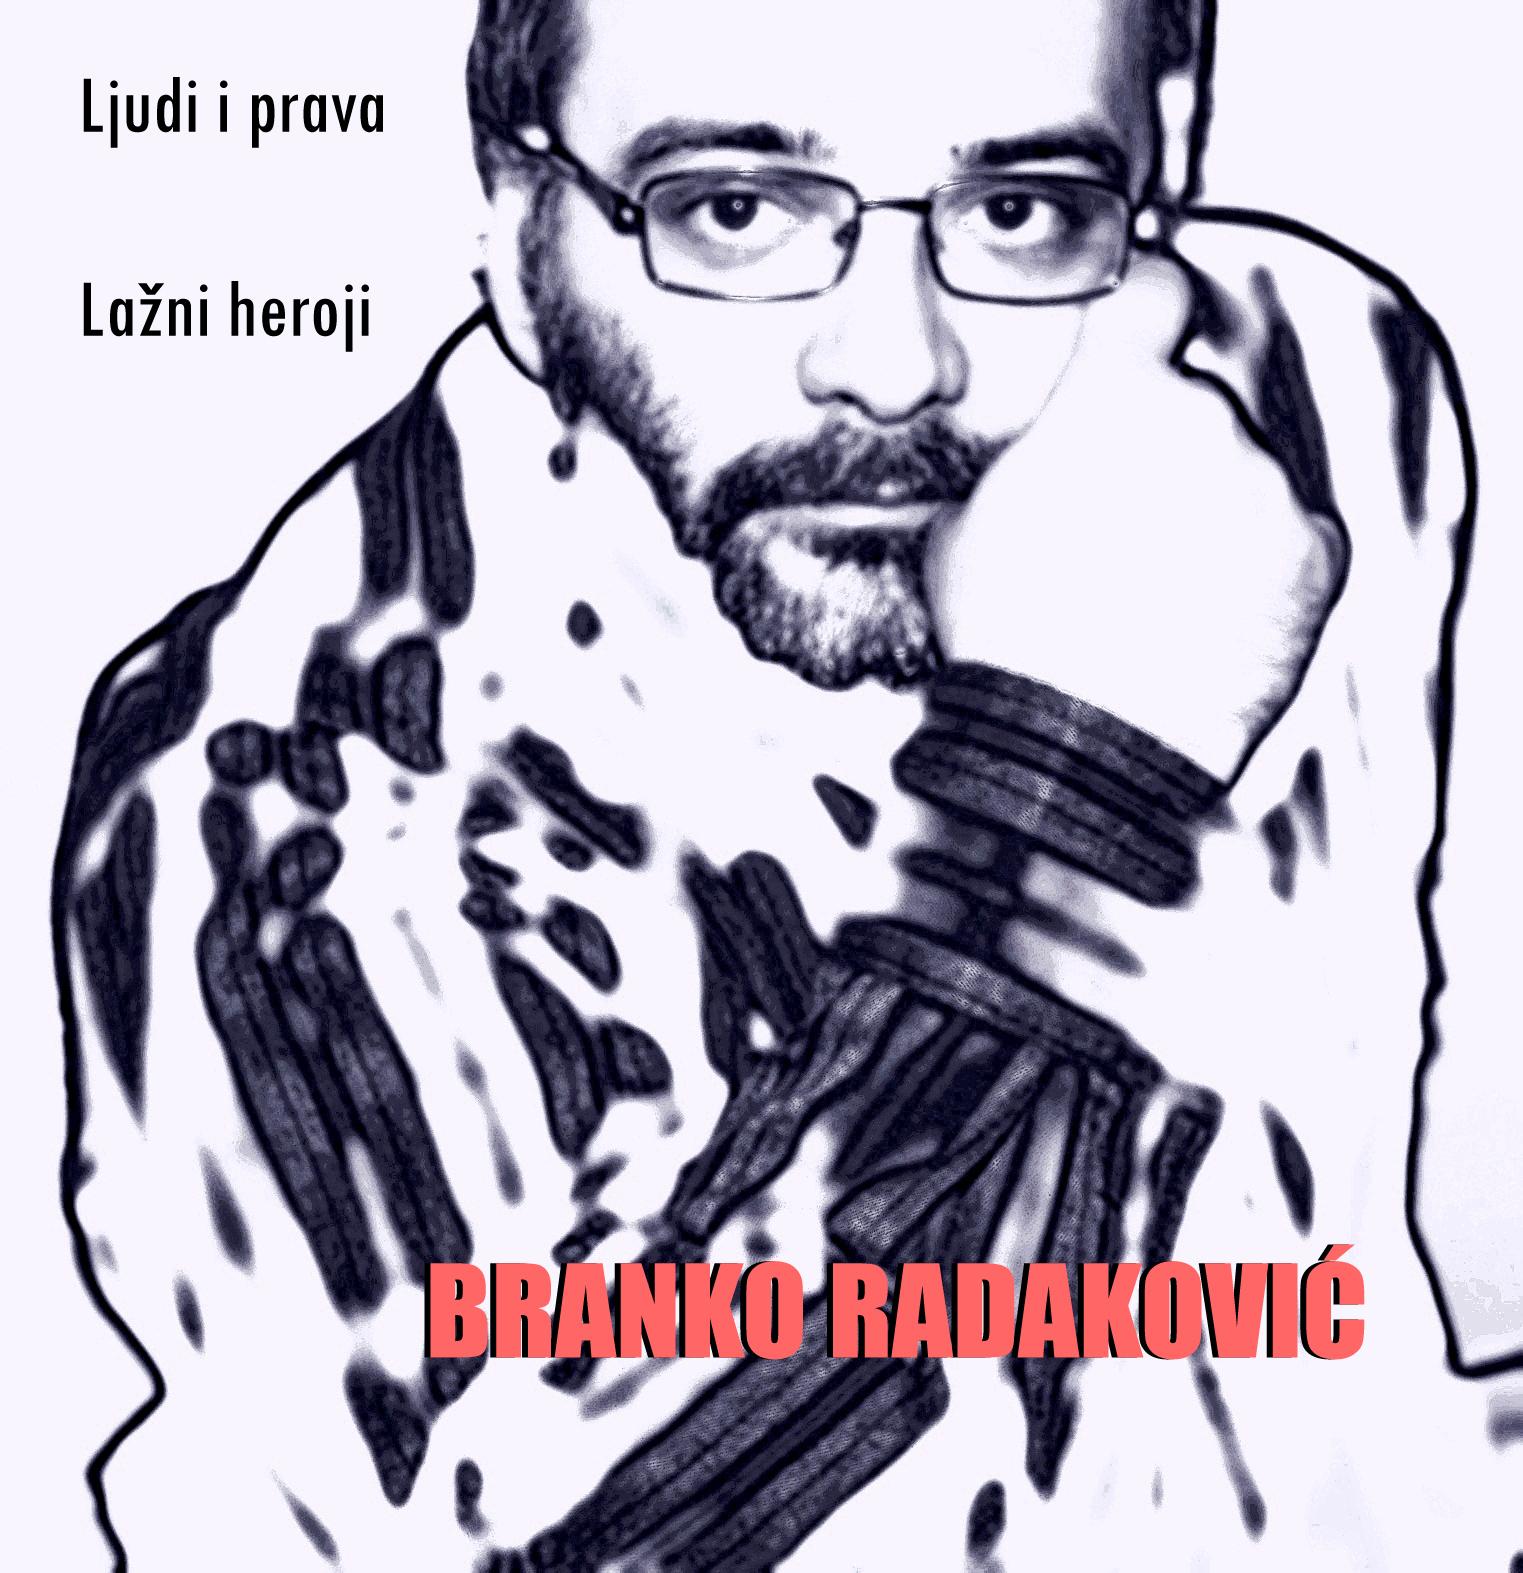 BRANKO RADAKOVIĆ CD MAXI SINGL LJUDI I PRAVA/ LAŽNI HEROJI SAMIZDAT